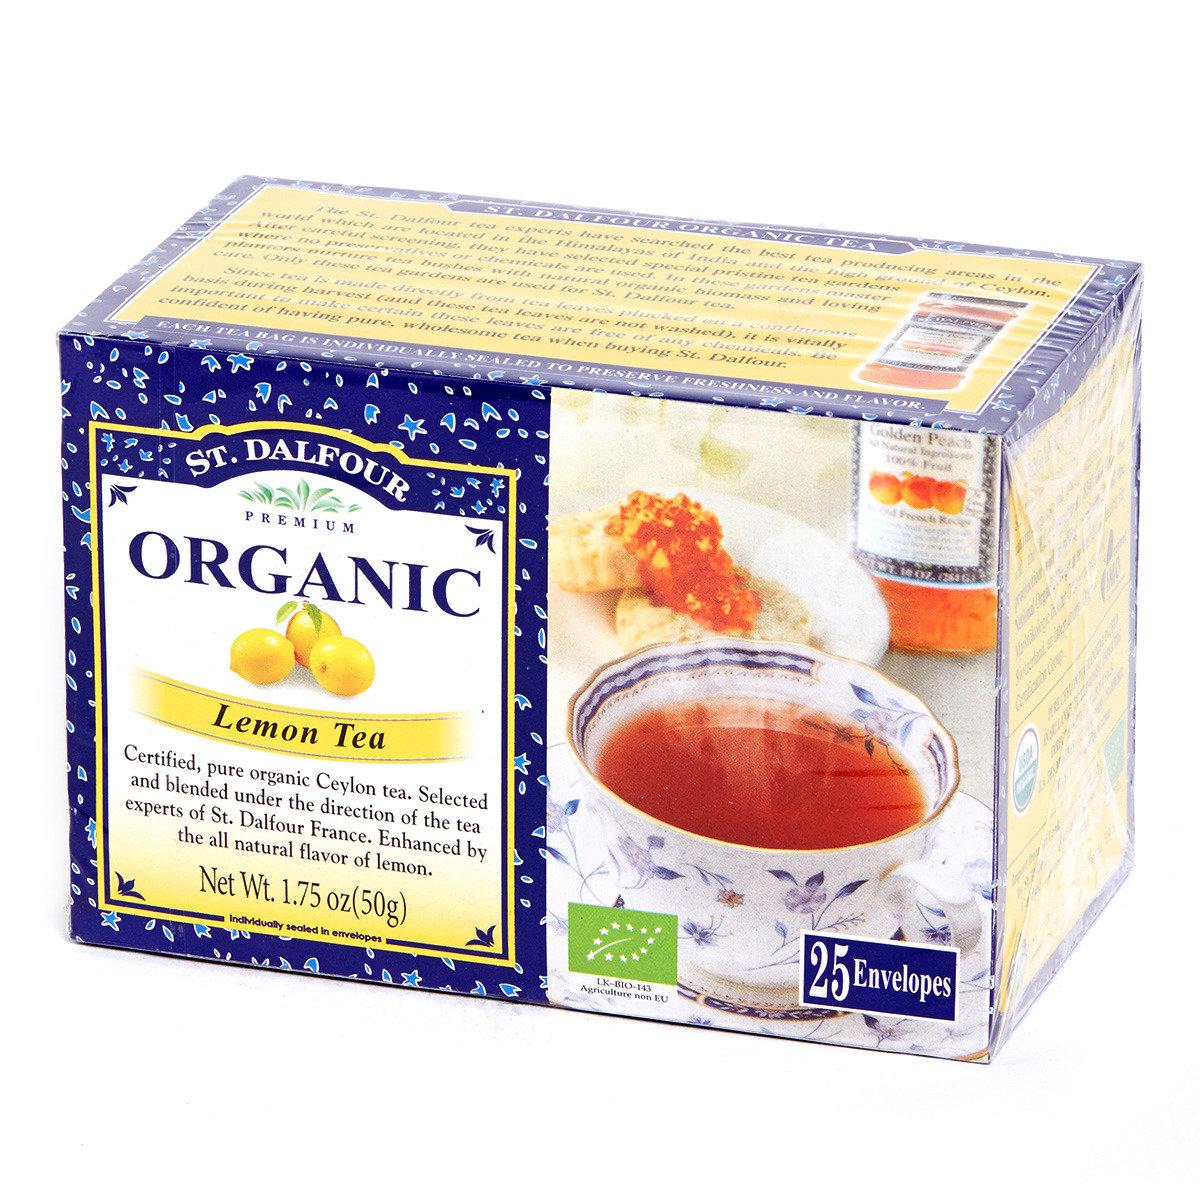 有機紅茶系列 - 檸檬紅茶